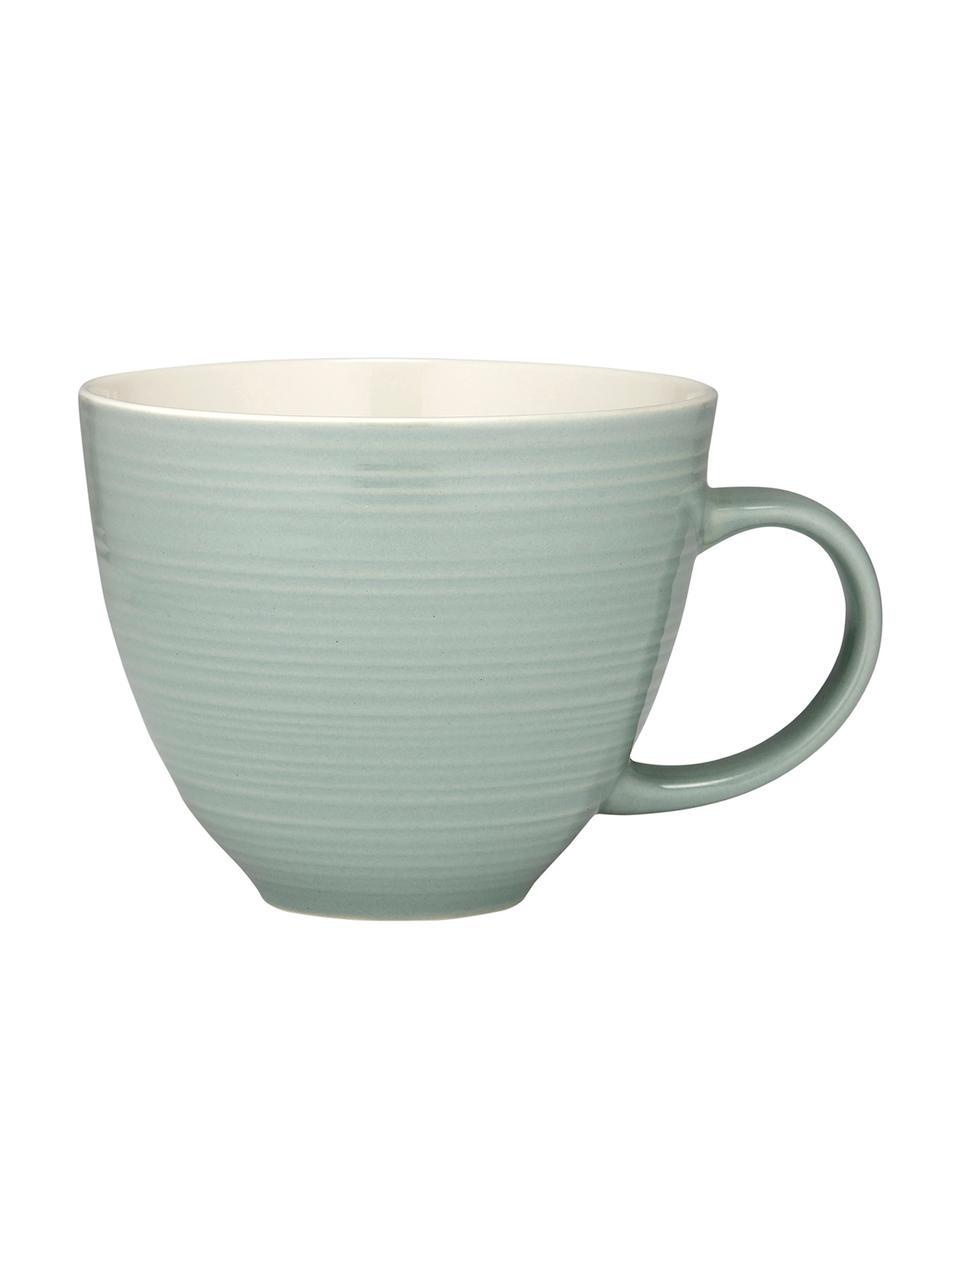 Kaffeetassen Darby mit Strukturoberfläche, 4 Stück, New Bone China, Grün, Gebrochenes Weiß, Ø 11 x H 10 cm